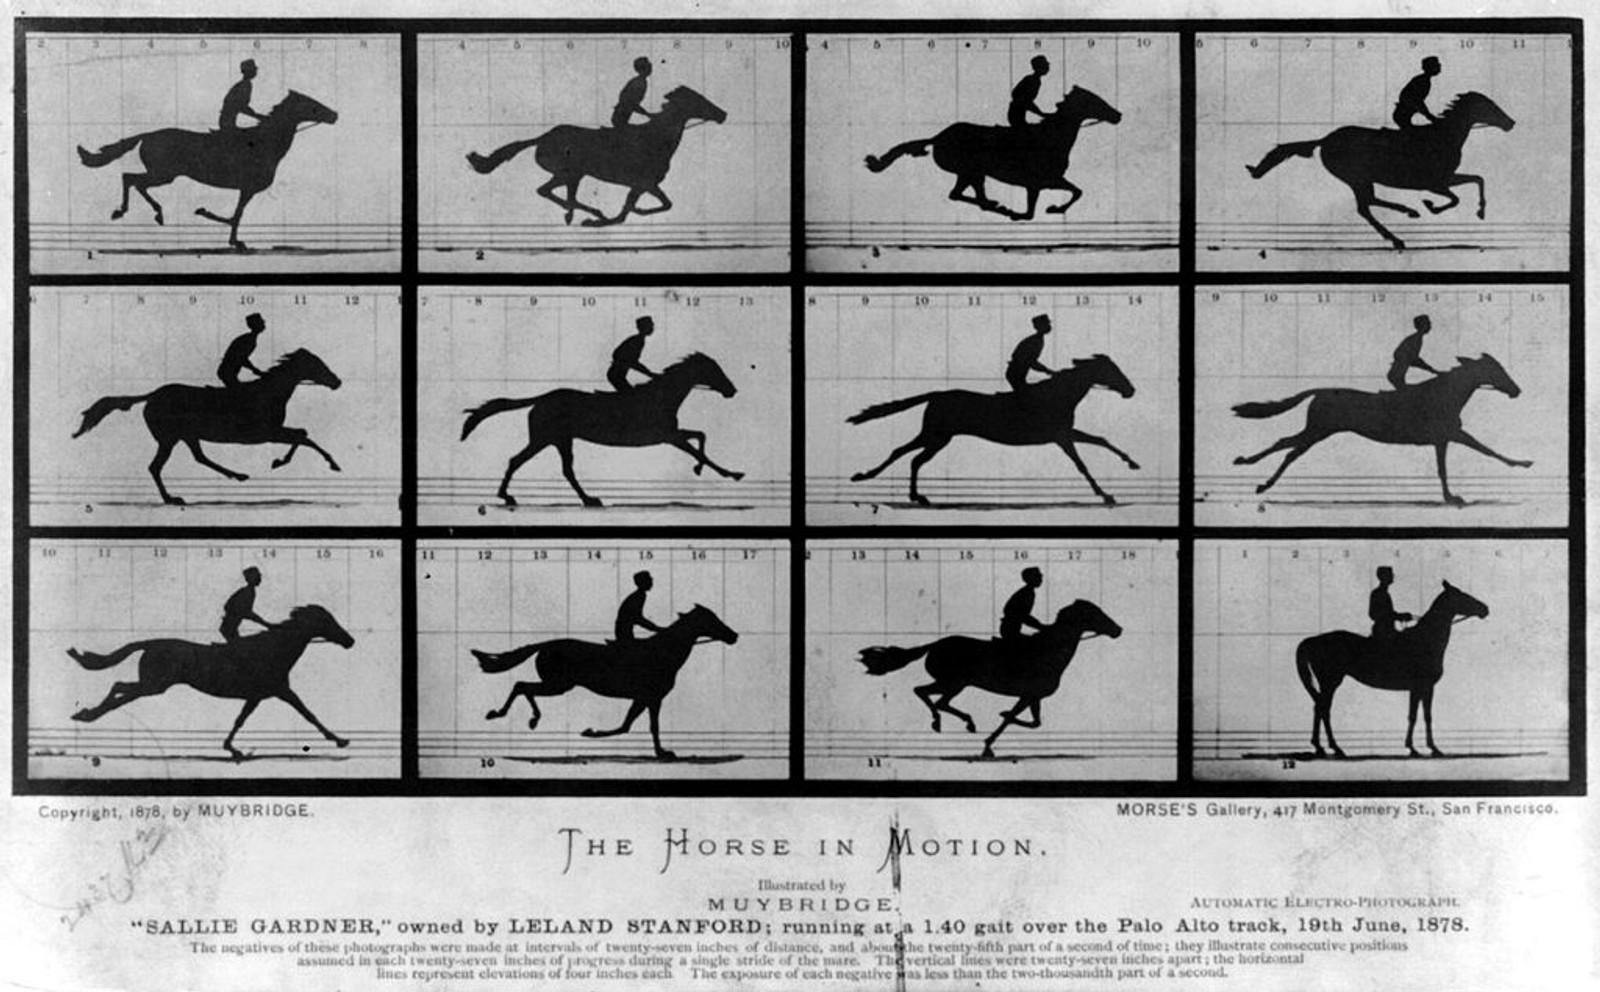 HEST I BEVEGELSE: Eadweard Muybridge anses som en pionér når det gjelder fotografisk bevegelse. Horse In Motion beviste blant annet at en hest i galopp har alle fire beina oppe fra bakken samtidig.